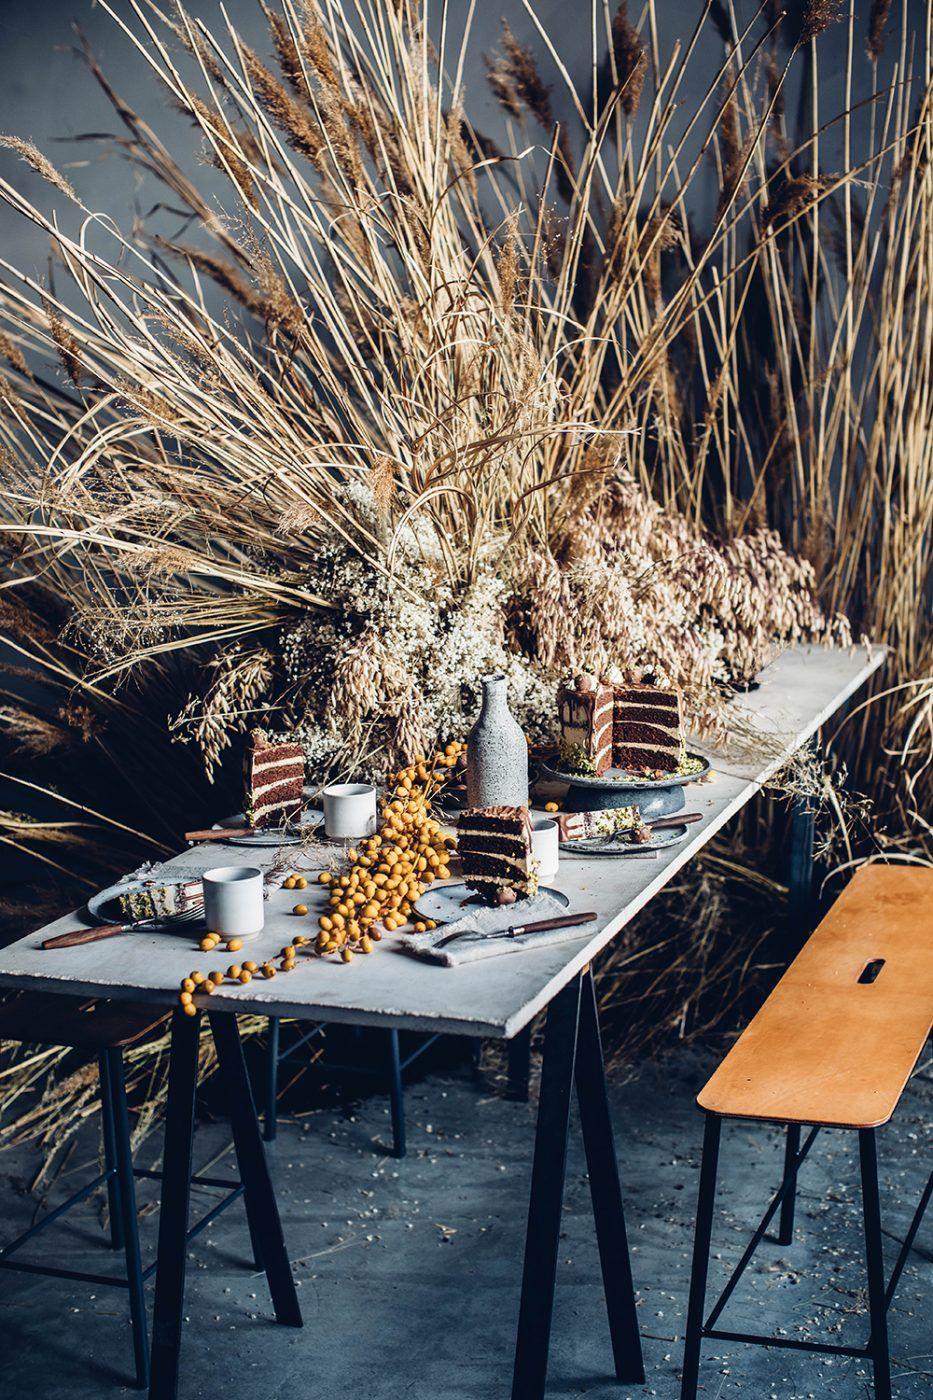 dried grass installation